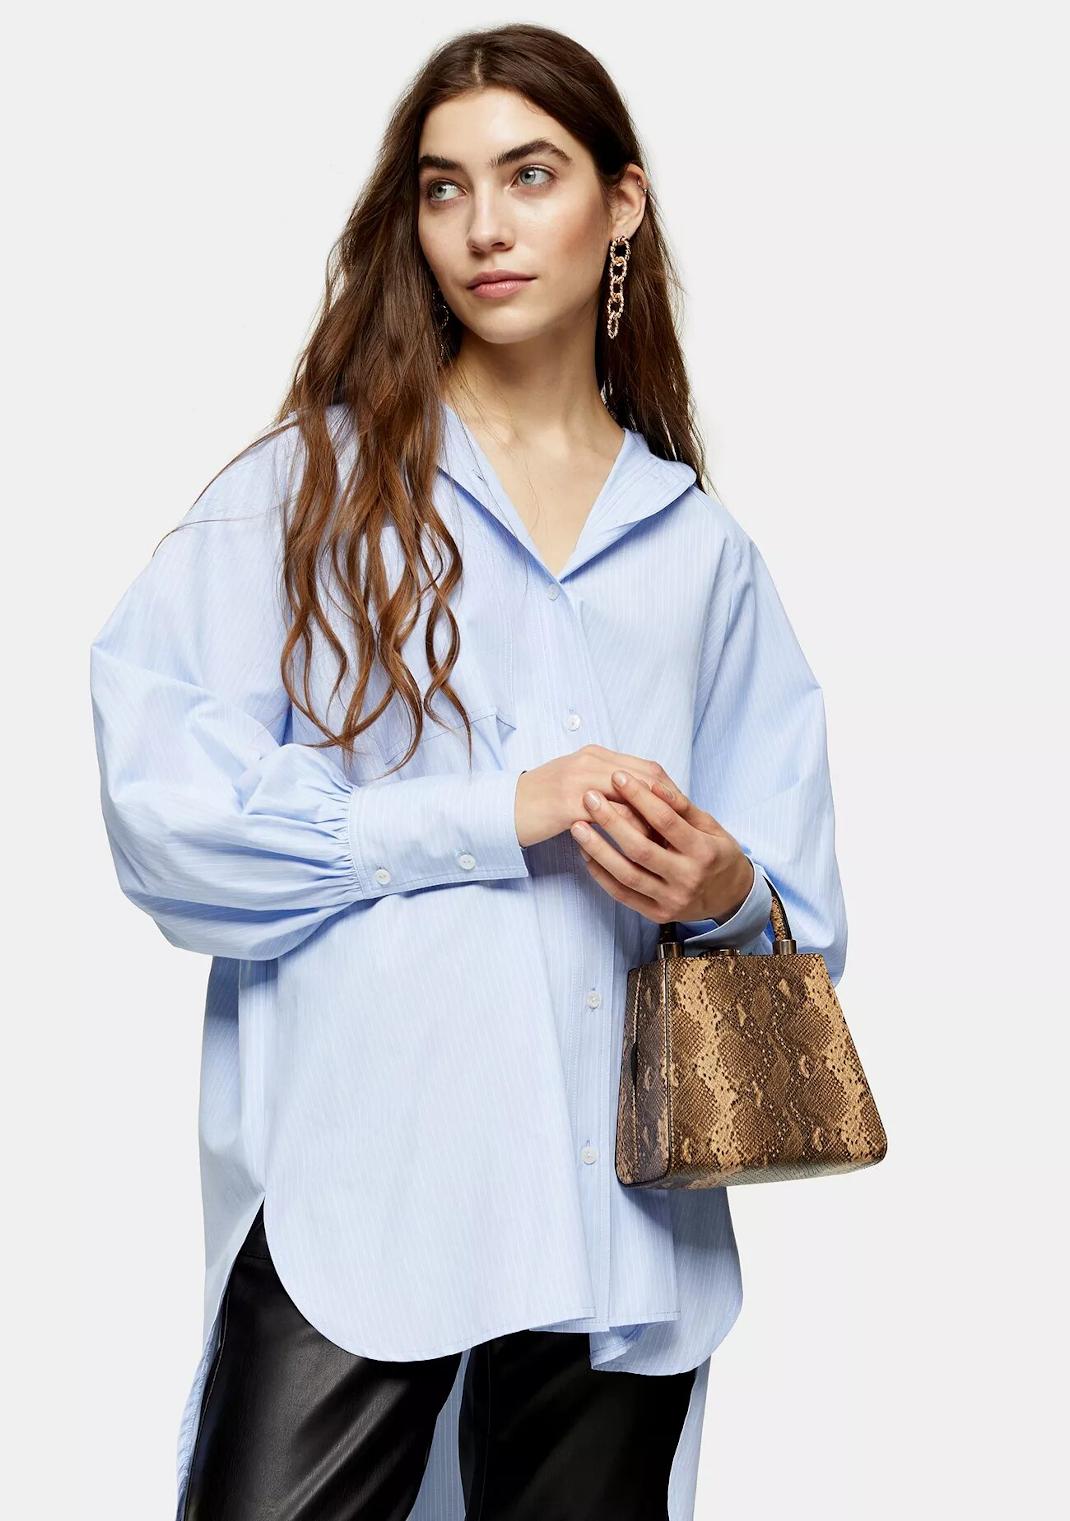 μοντέλο με μπλε πουκάμισο γραφείου